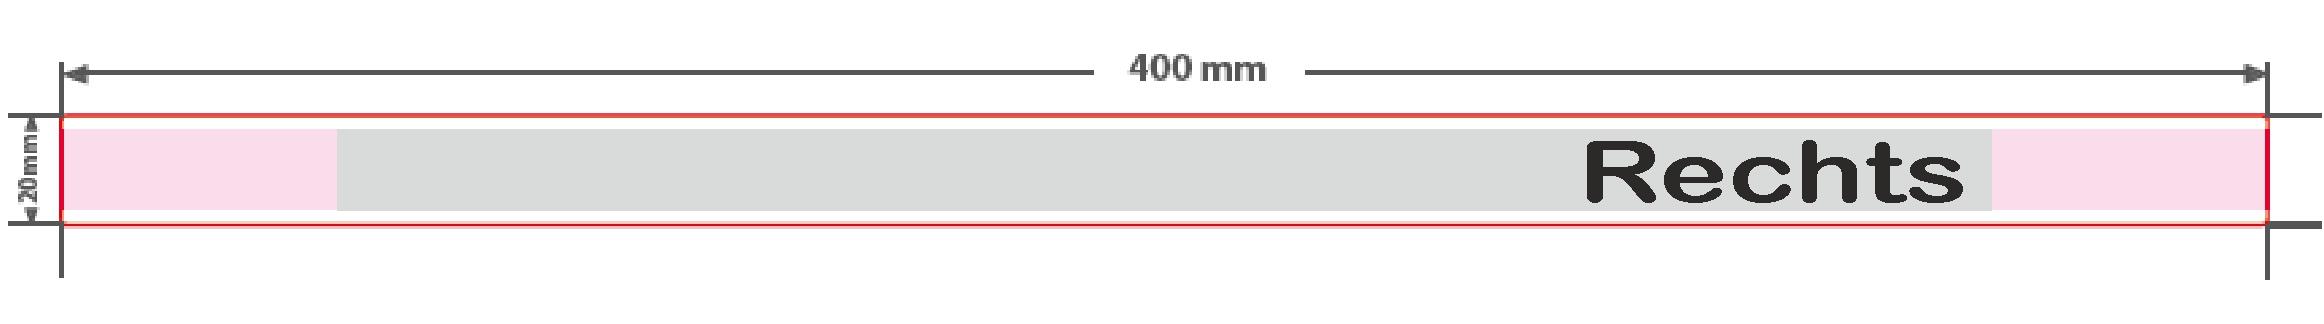 grillzange-textausrichtung-rechts